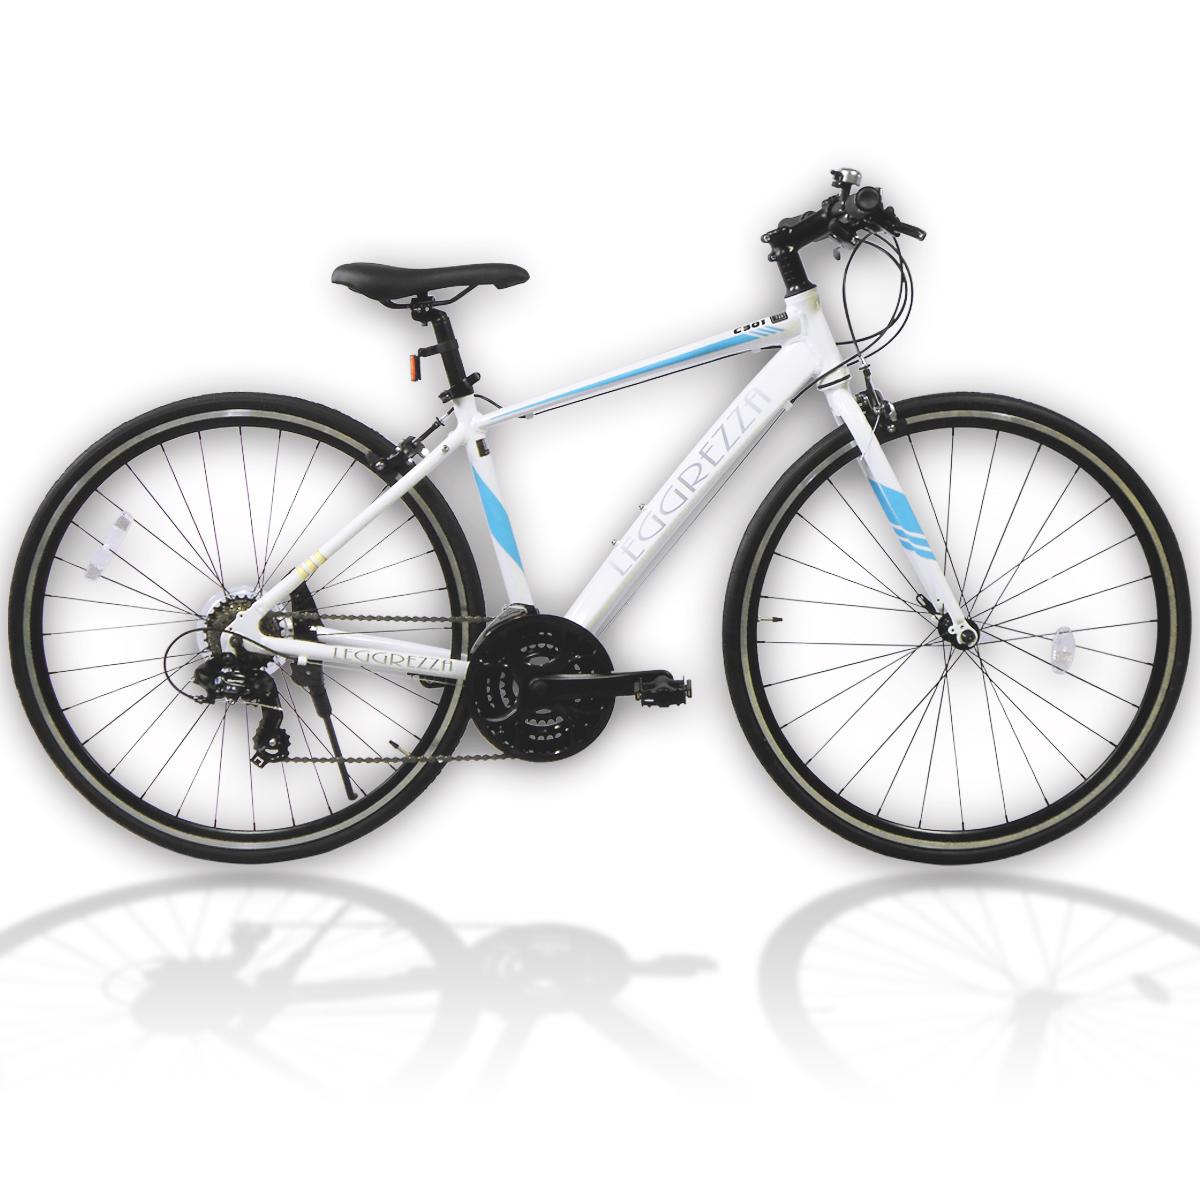 LEGGREZZA SPORTS/レグレッツァスポーツ 700C クロスバイク C301 オフホワイト(6500-C301) スポーツバイク 自転車本体